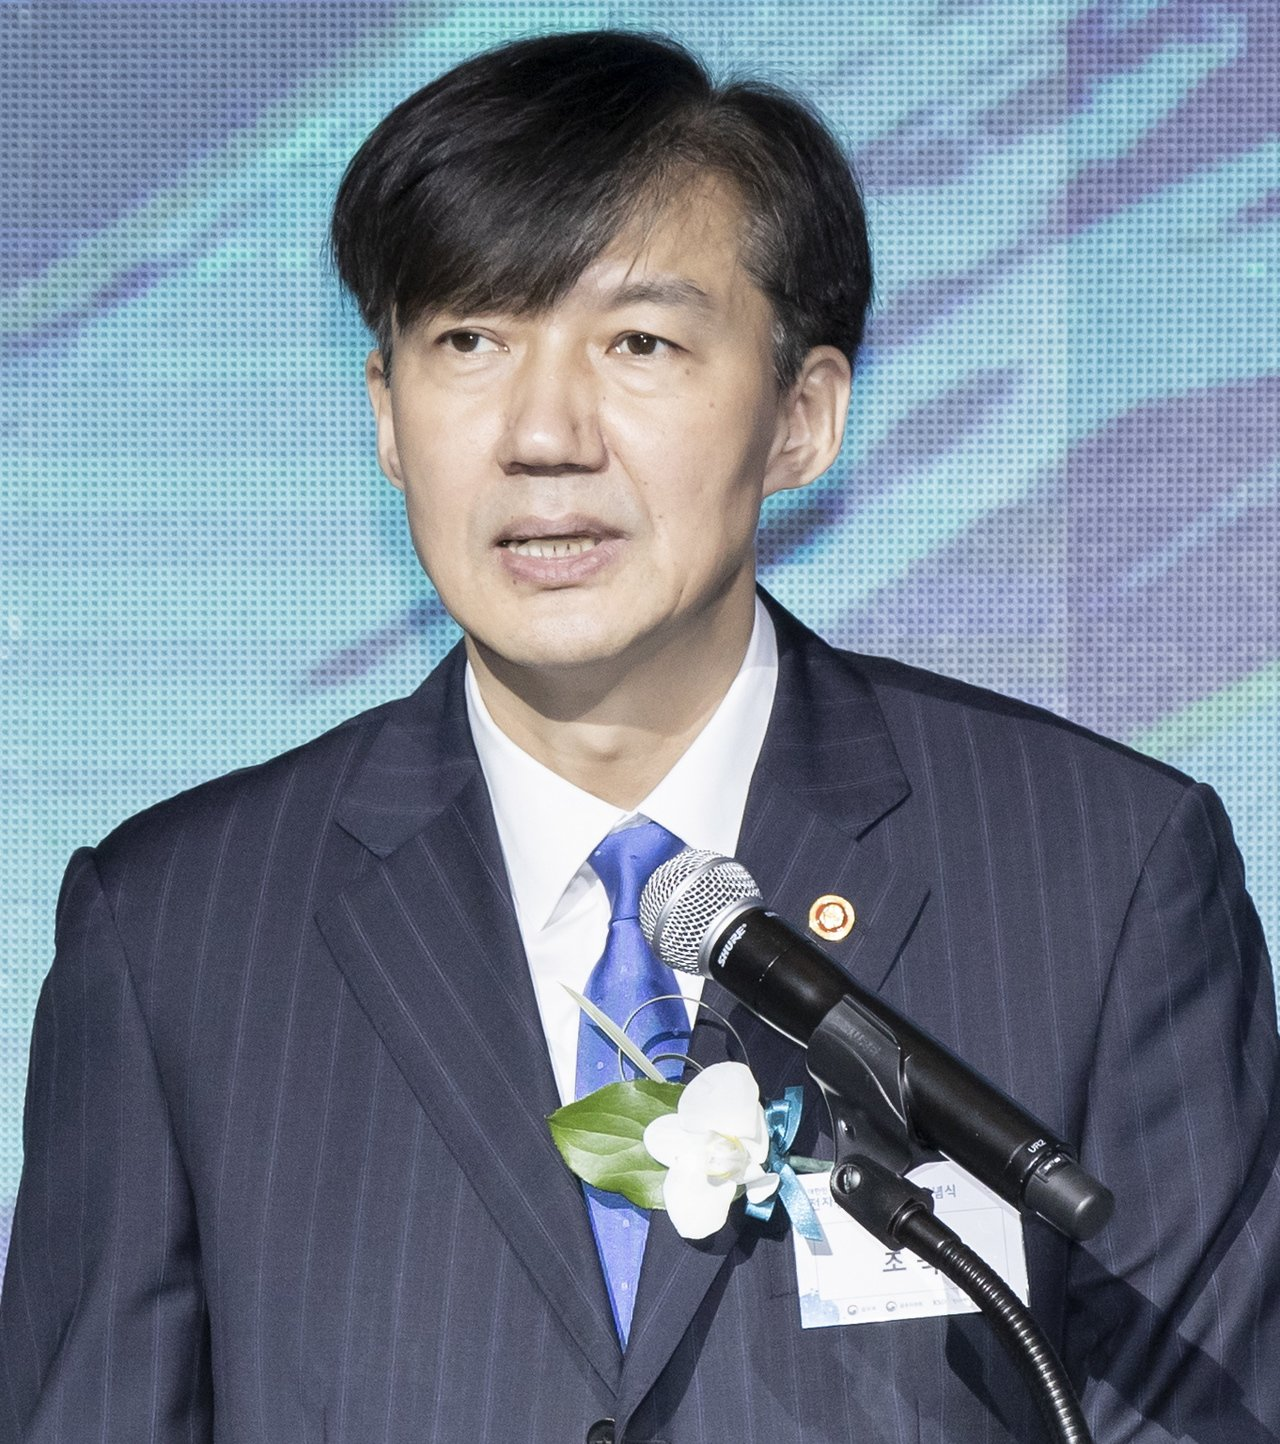 南韓法務部長曹國16日出席一場電子安全系統發表會。(歐新社)